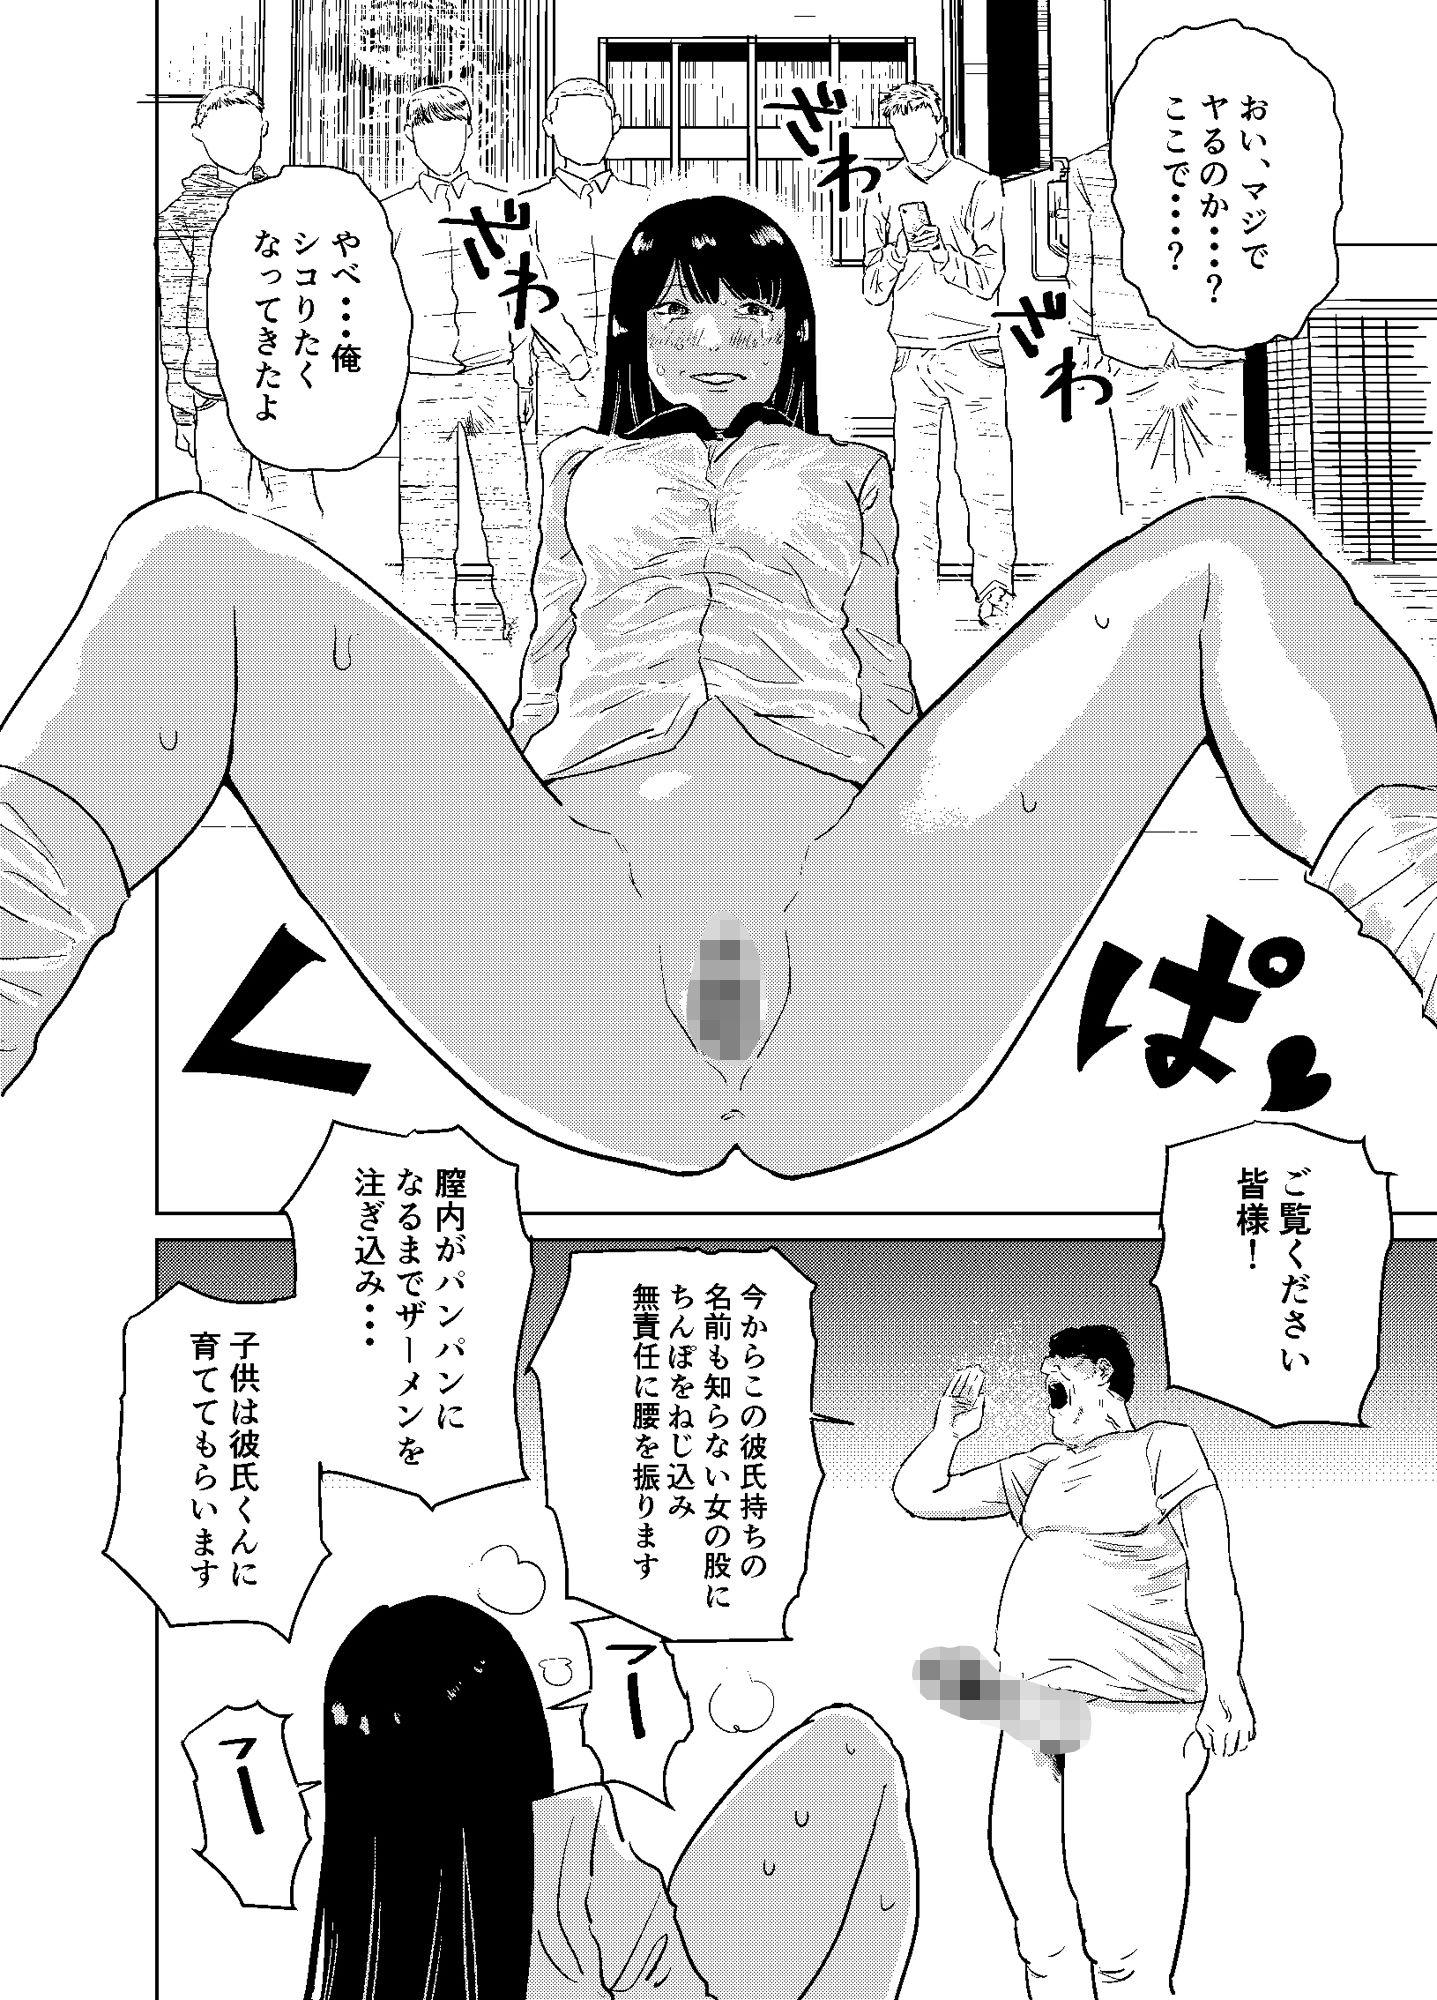 サンプル画像4:セックス大魔王2(100円均一GX) [d_188701]